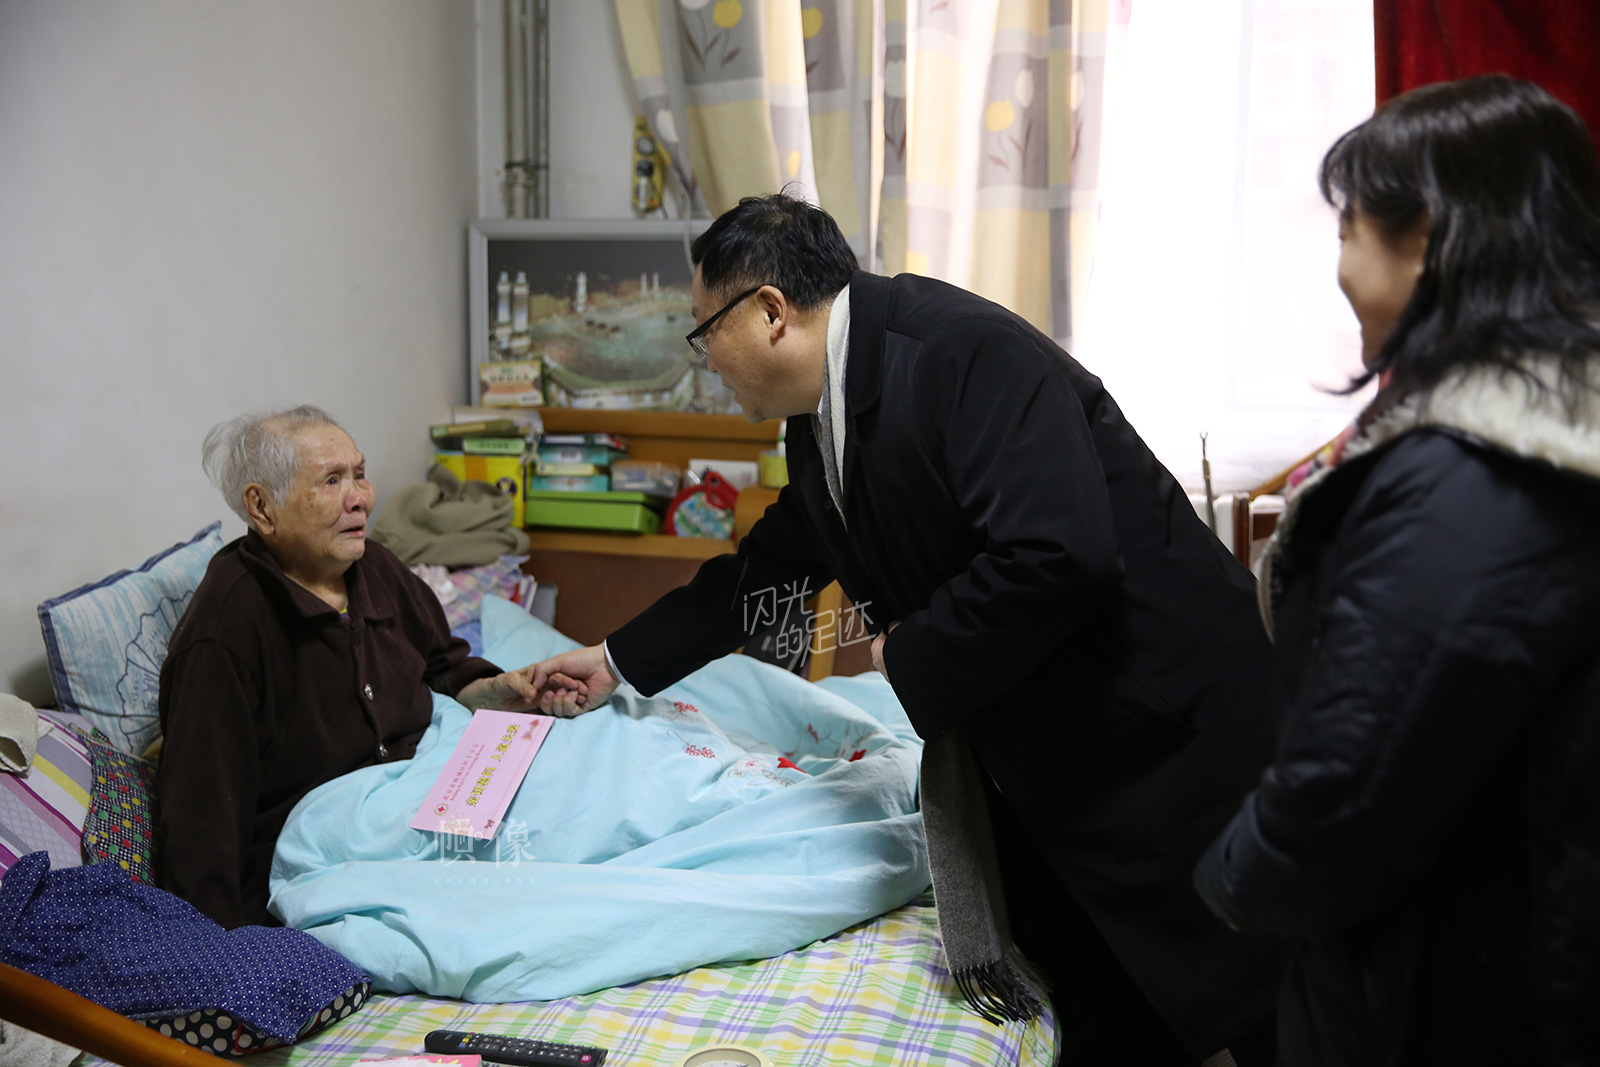 2017年1月,北京市西城区红十字会慰问社区困难老人。(北京市西城区红十字会供图)